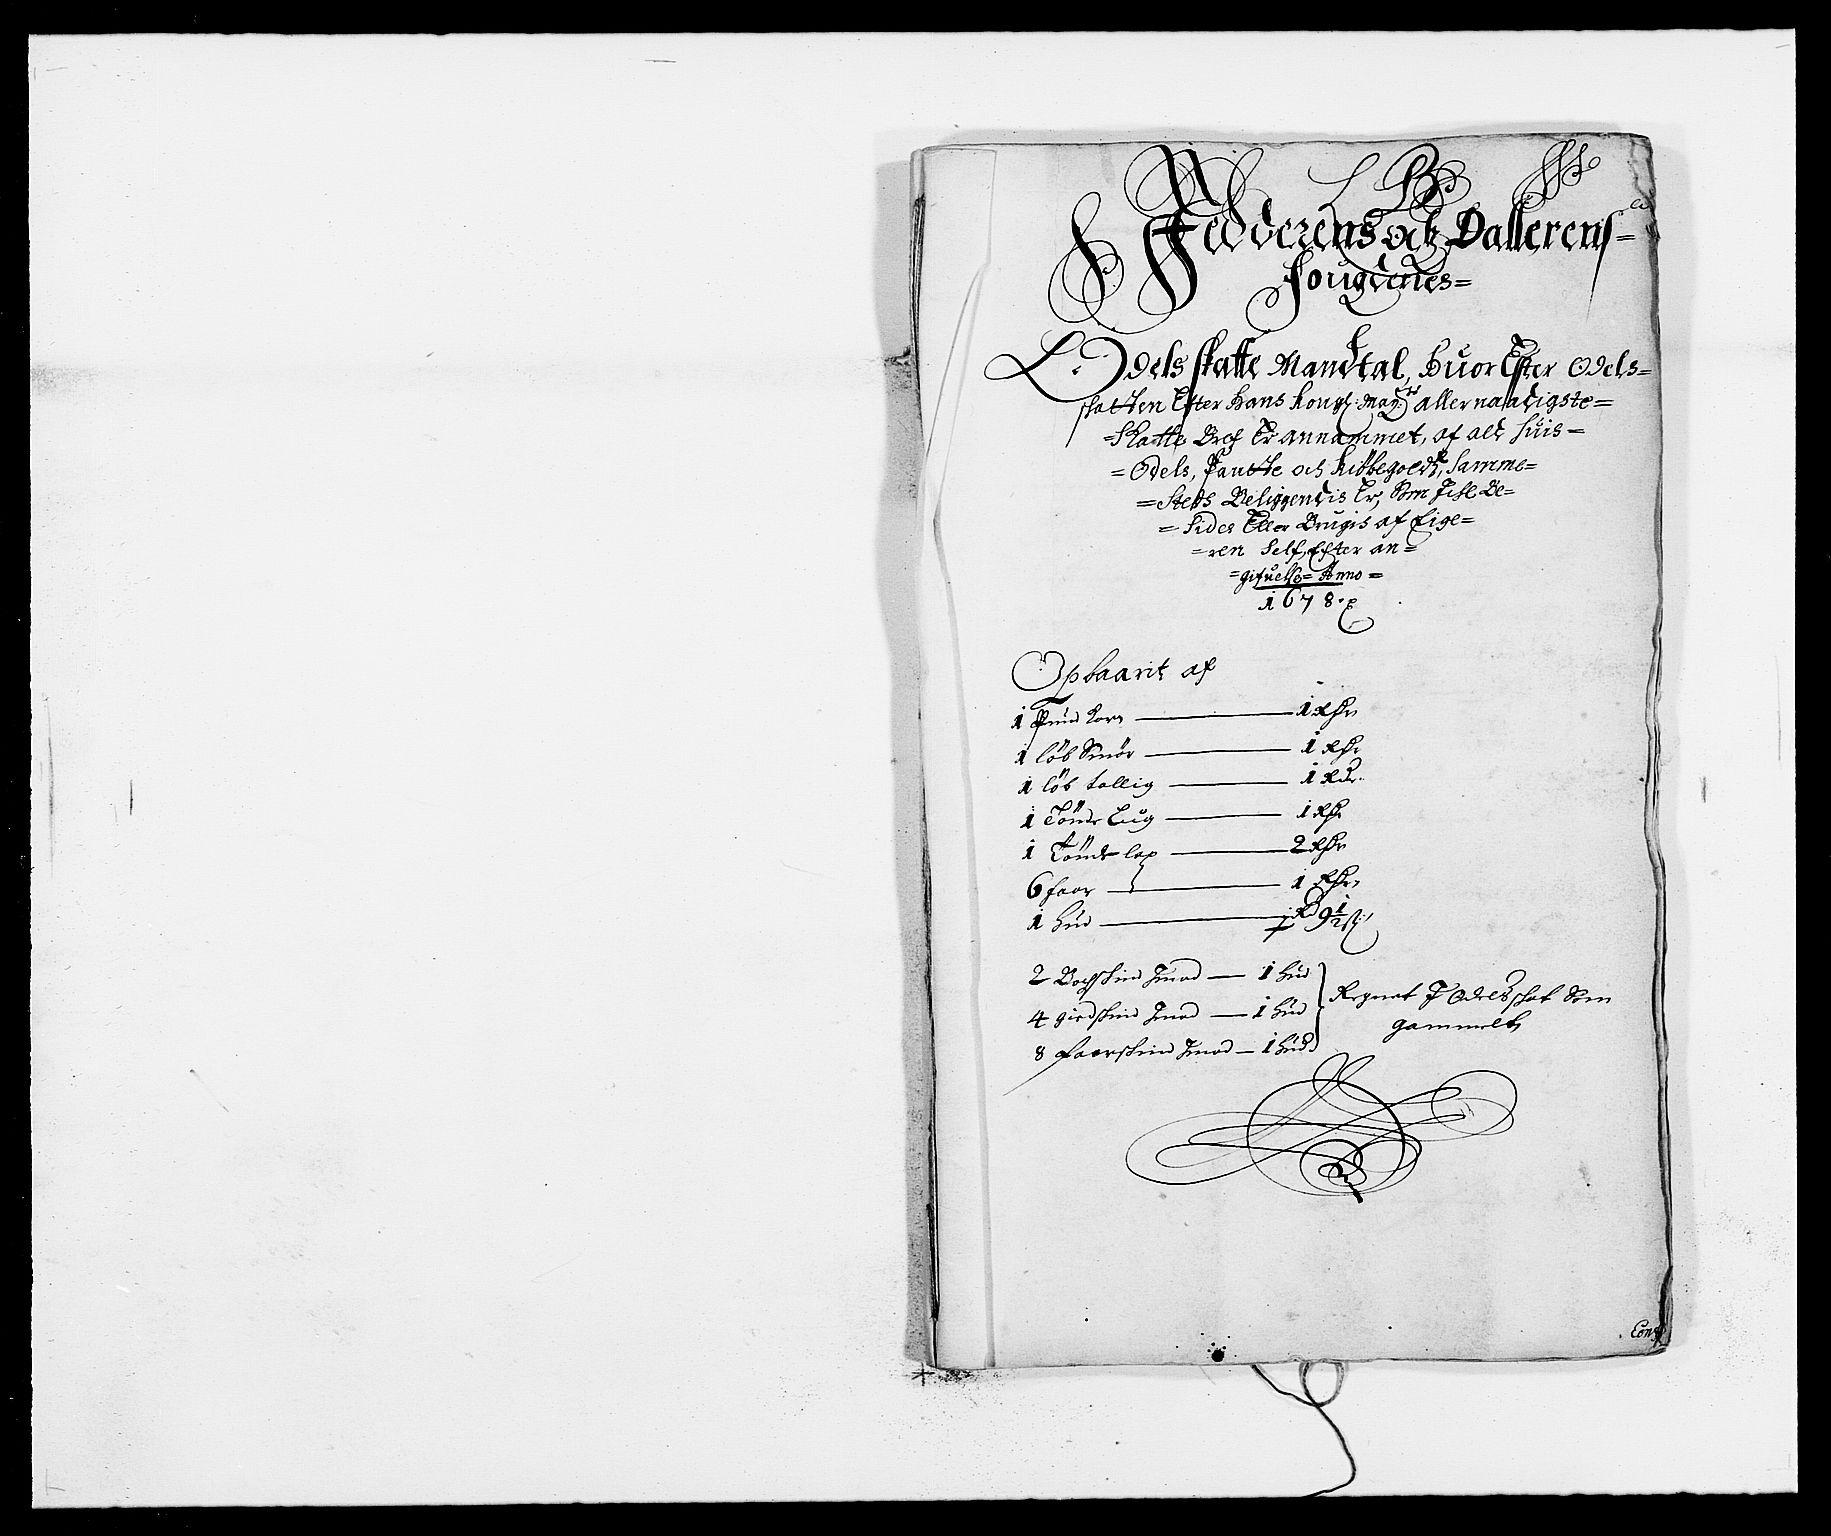 RA, Rentekammeret inntil 1814, Reviderte regnskaper, Fogderegnskap, R46/L2718: Fogderegnskap Jæren og Dalane, 1678, s. 48